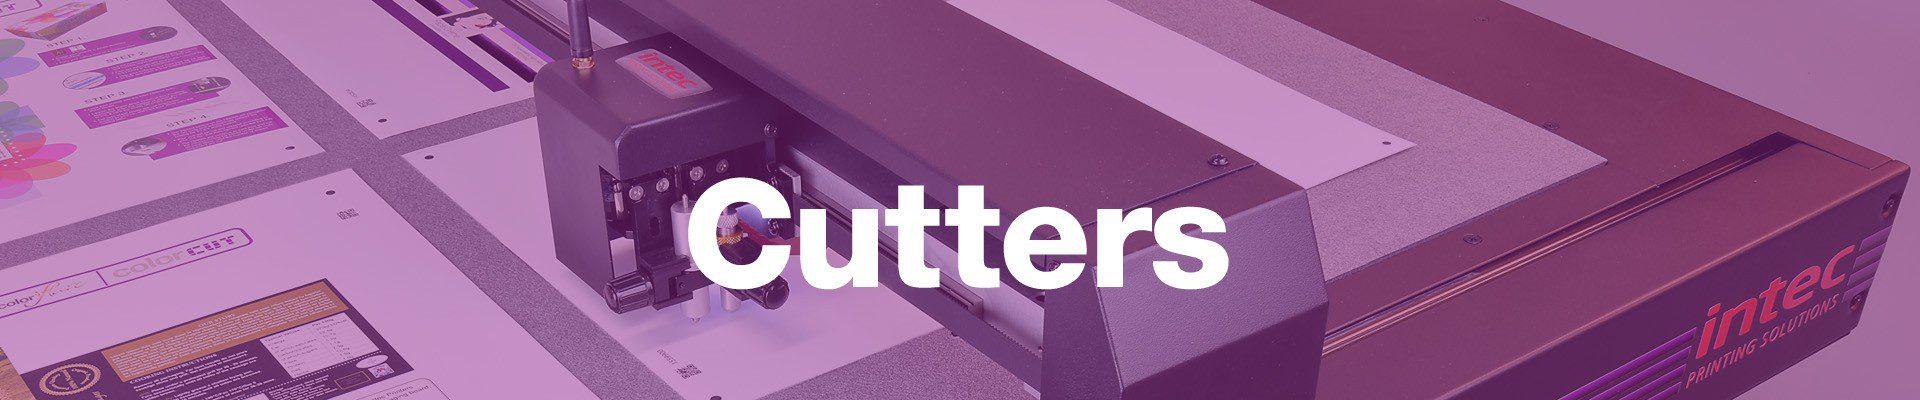 Intec cutters